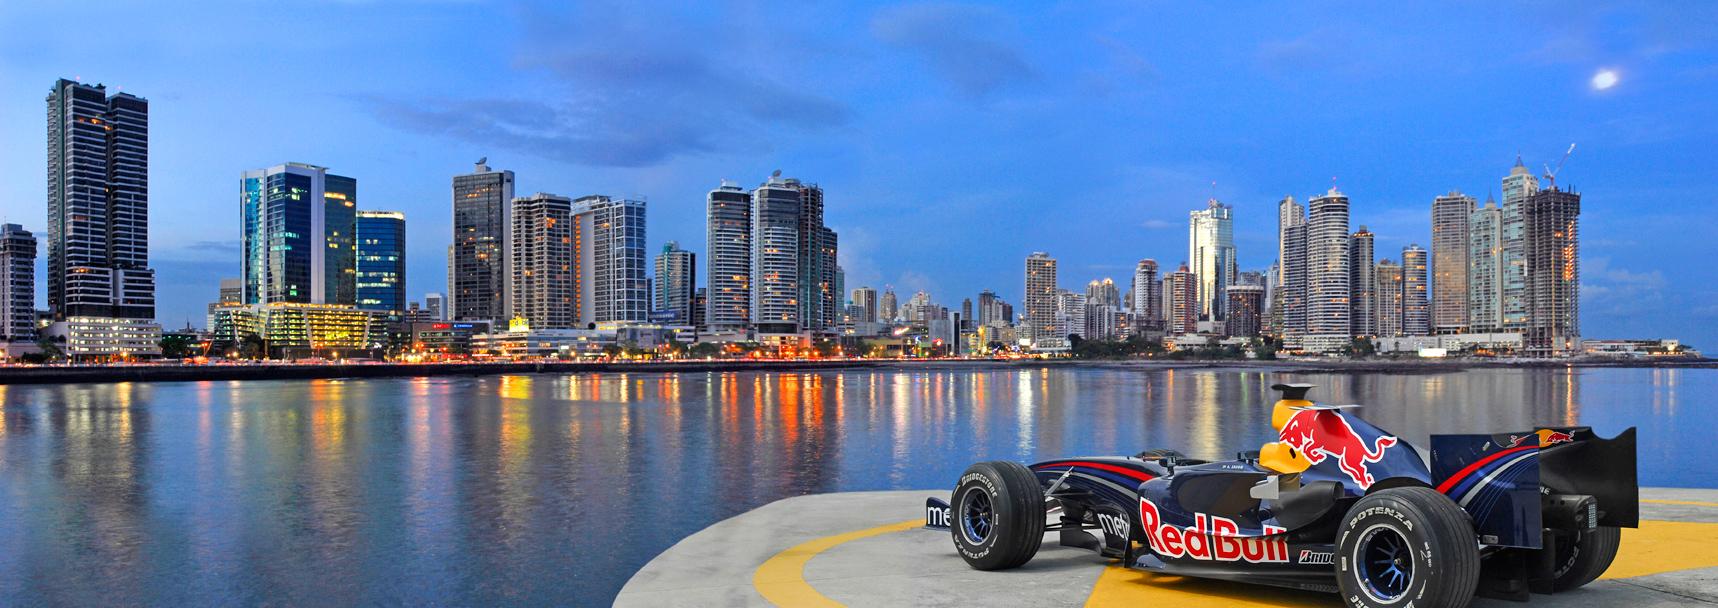 Red Bull Panama urban run